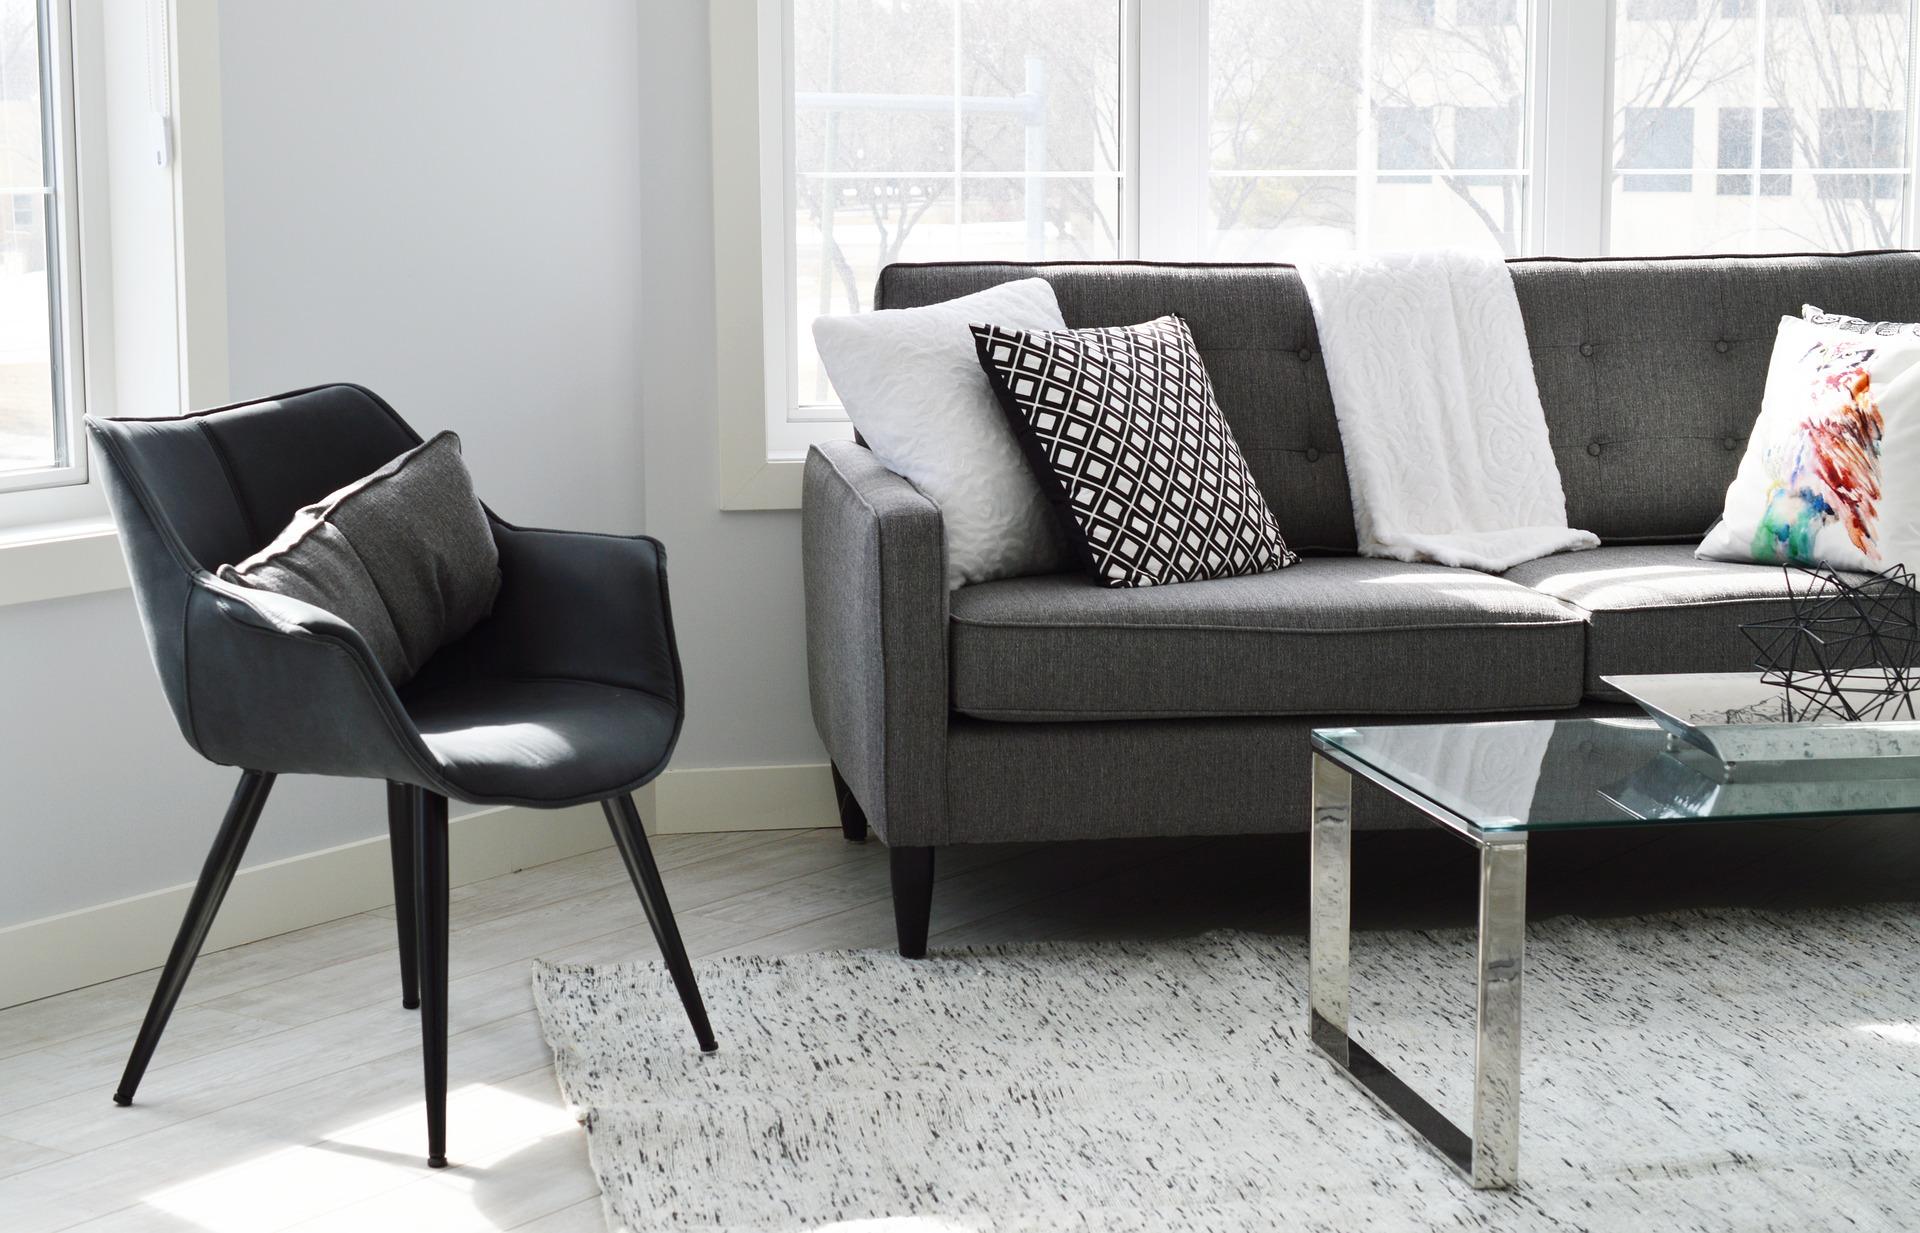 Petit salon : Les bonnes techniques pour tirer le meilleur parti de votre espace